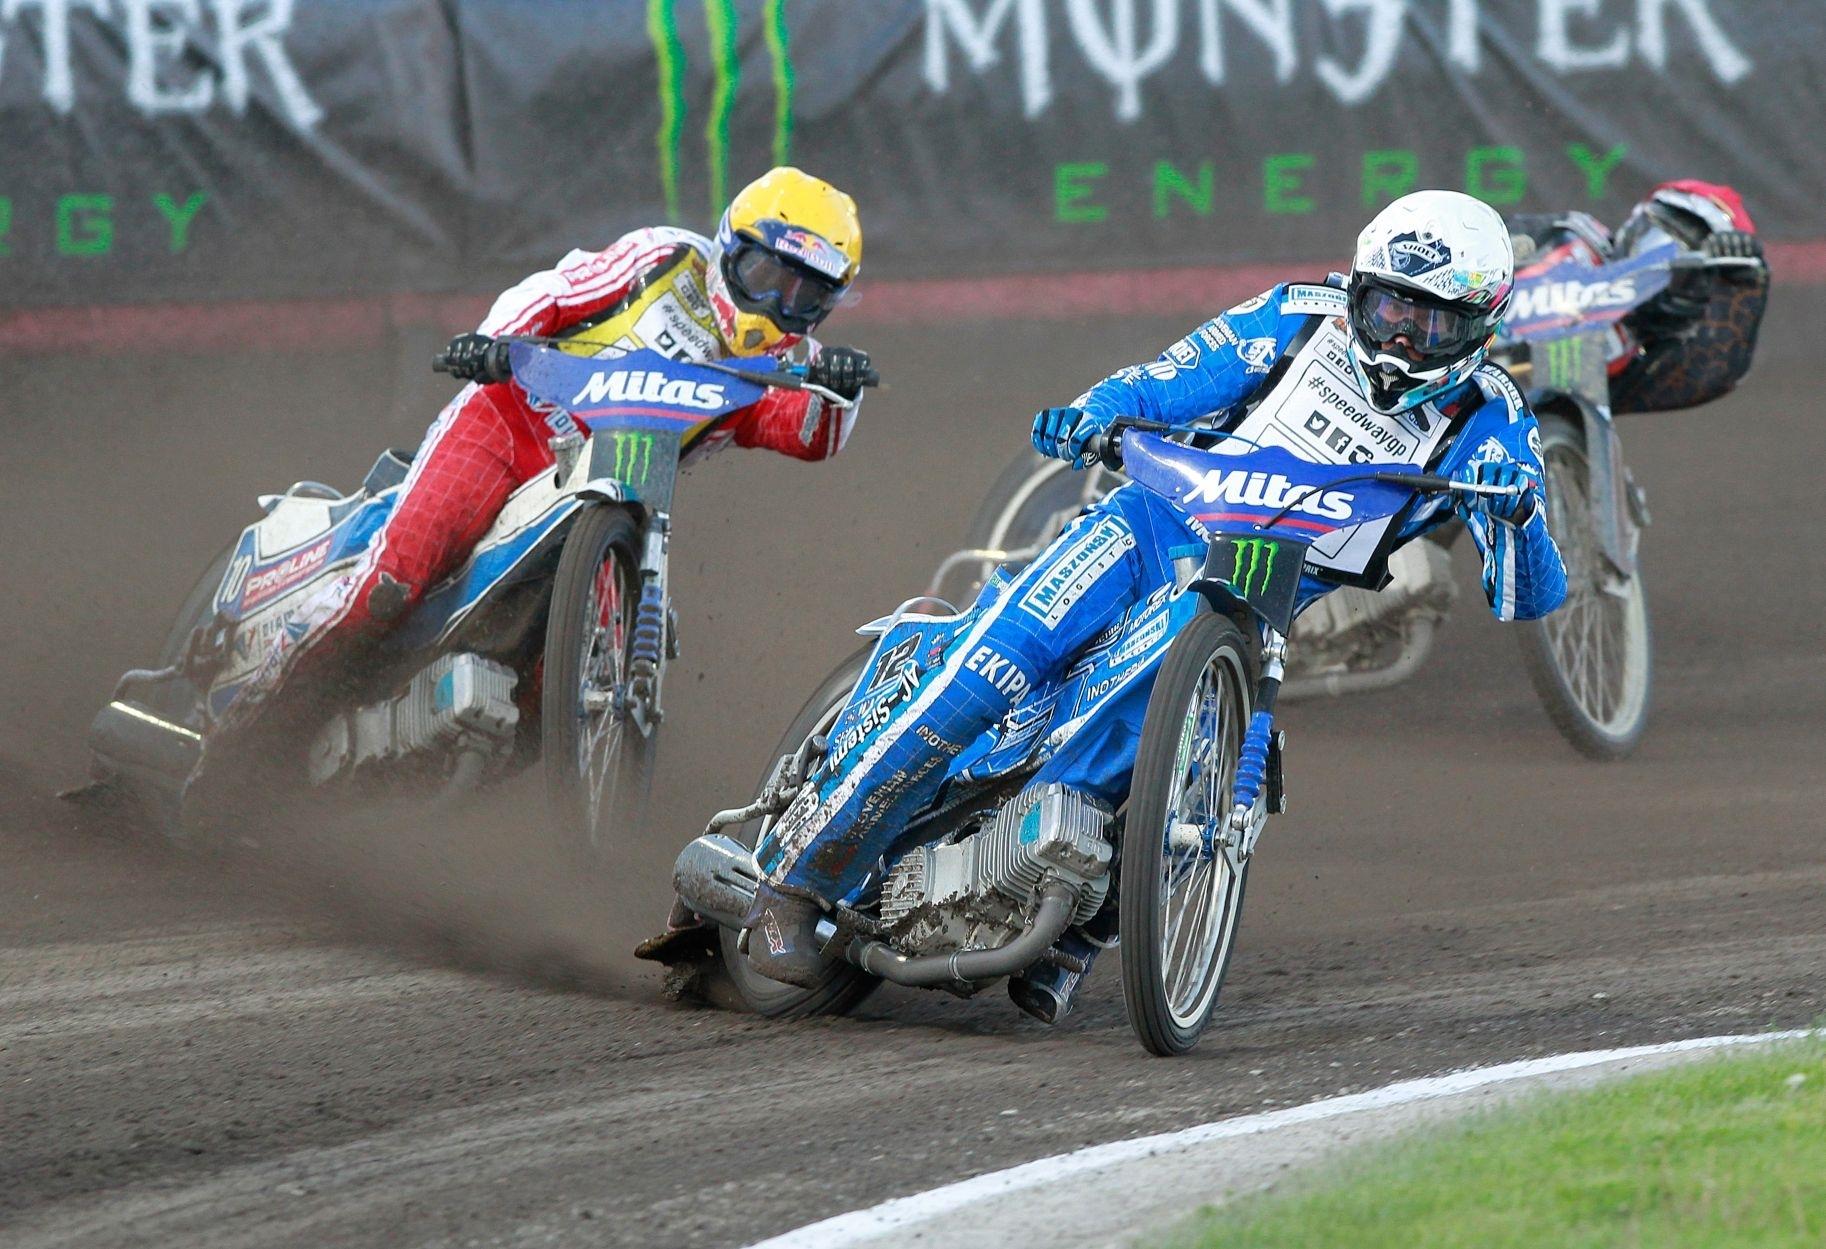 Mitas parie sur les Grands prix de Speedway